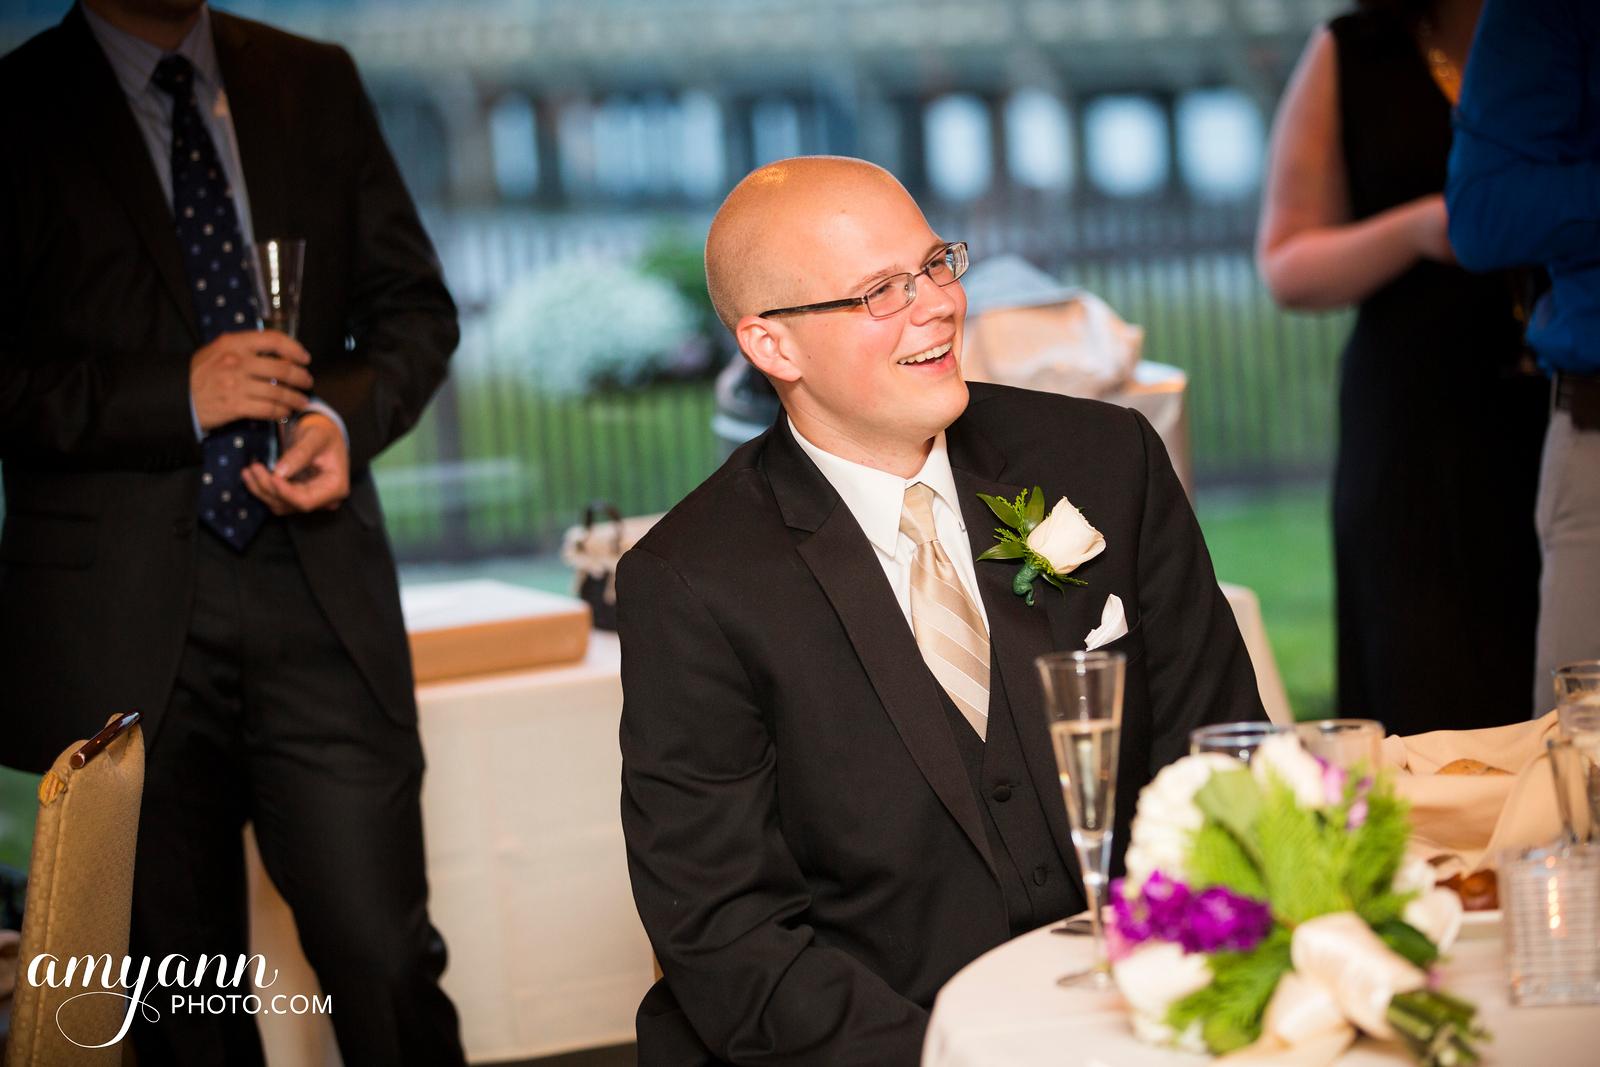 liznick_wedding55